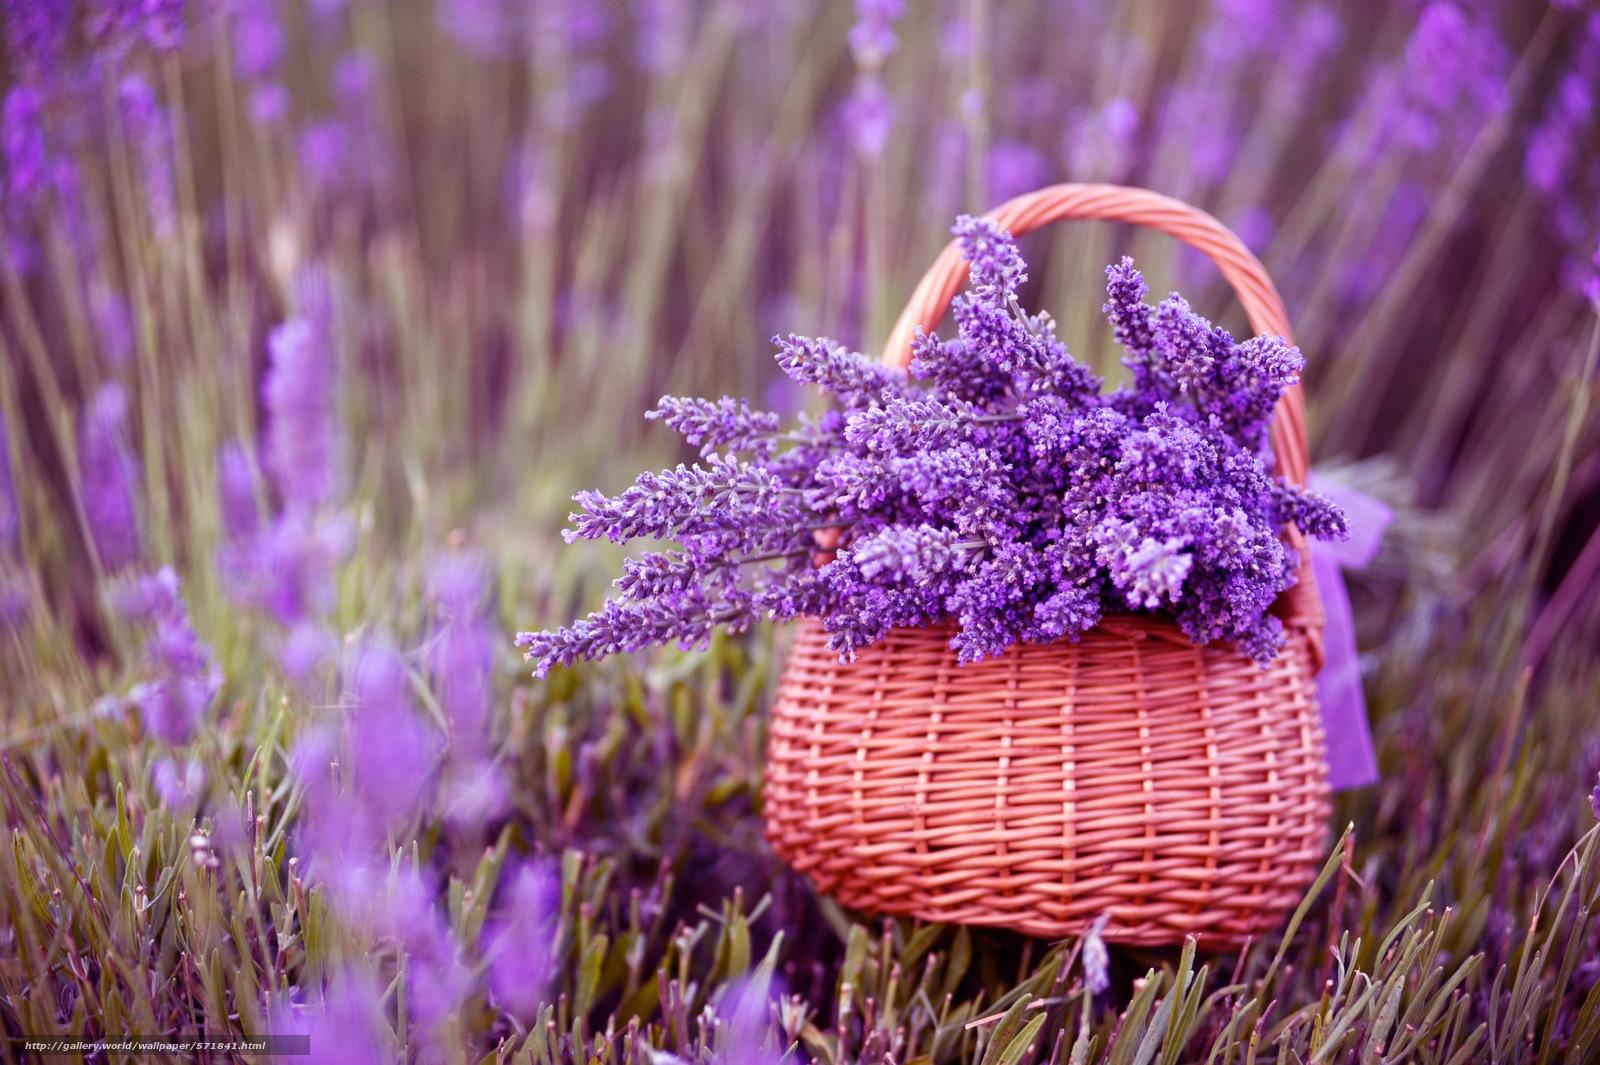 pobra tapety Kwiaty,  lawenda,  koszyk Darmowe tapety na pulpit rozdzielczoci 7000x4658 — zdjcie №571841